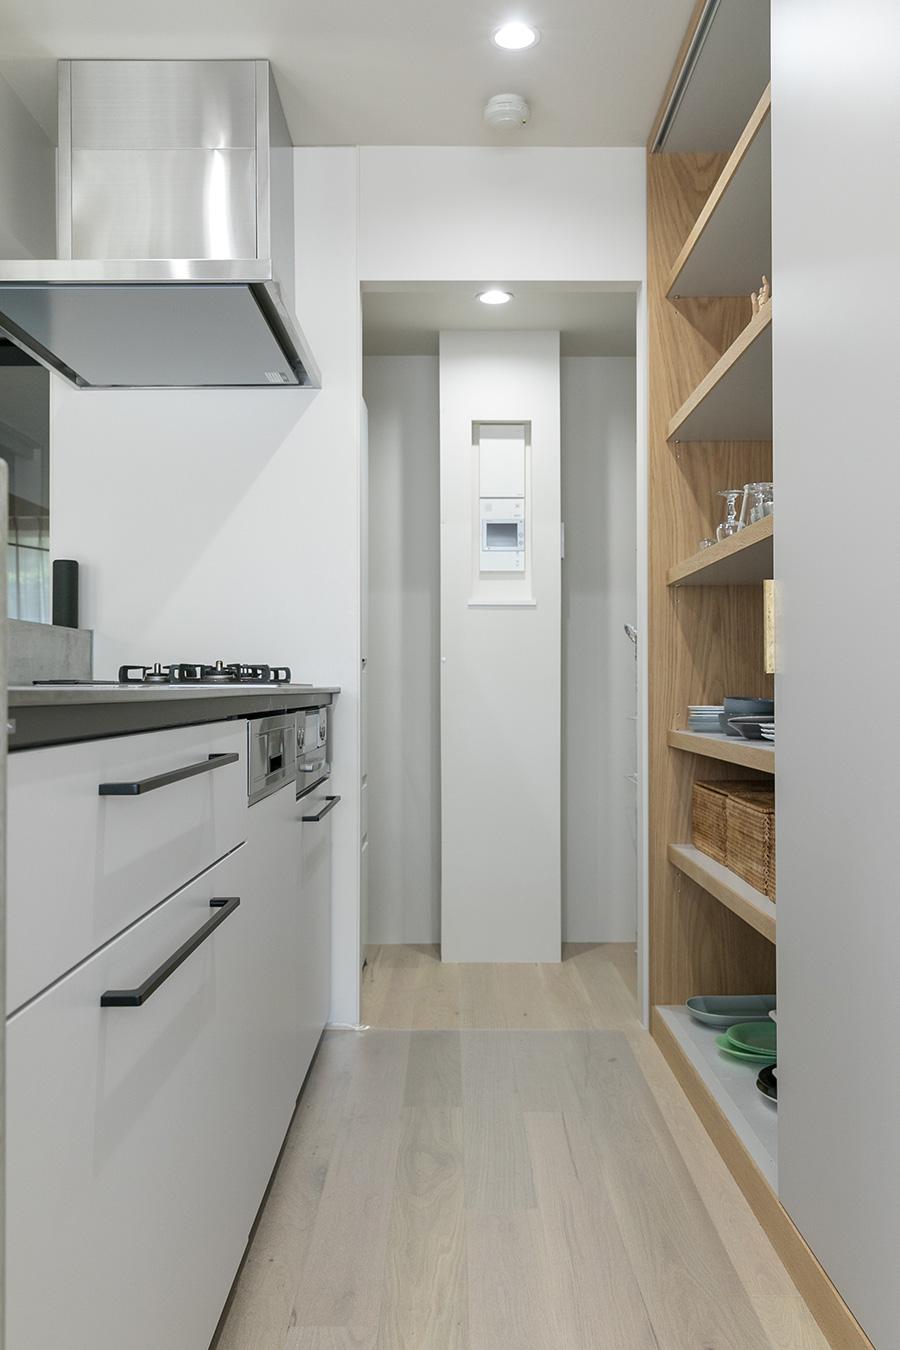 キッチンは「TOTO」に、「AEG」の食洗機を組み合わせた。キッチンパネルも薄いグレーを。後ろの収納棚はオーク材で、手前には電子レンジやゴミ箱などを。奥はパントリー。